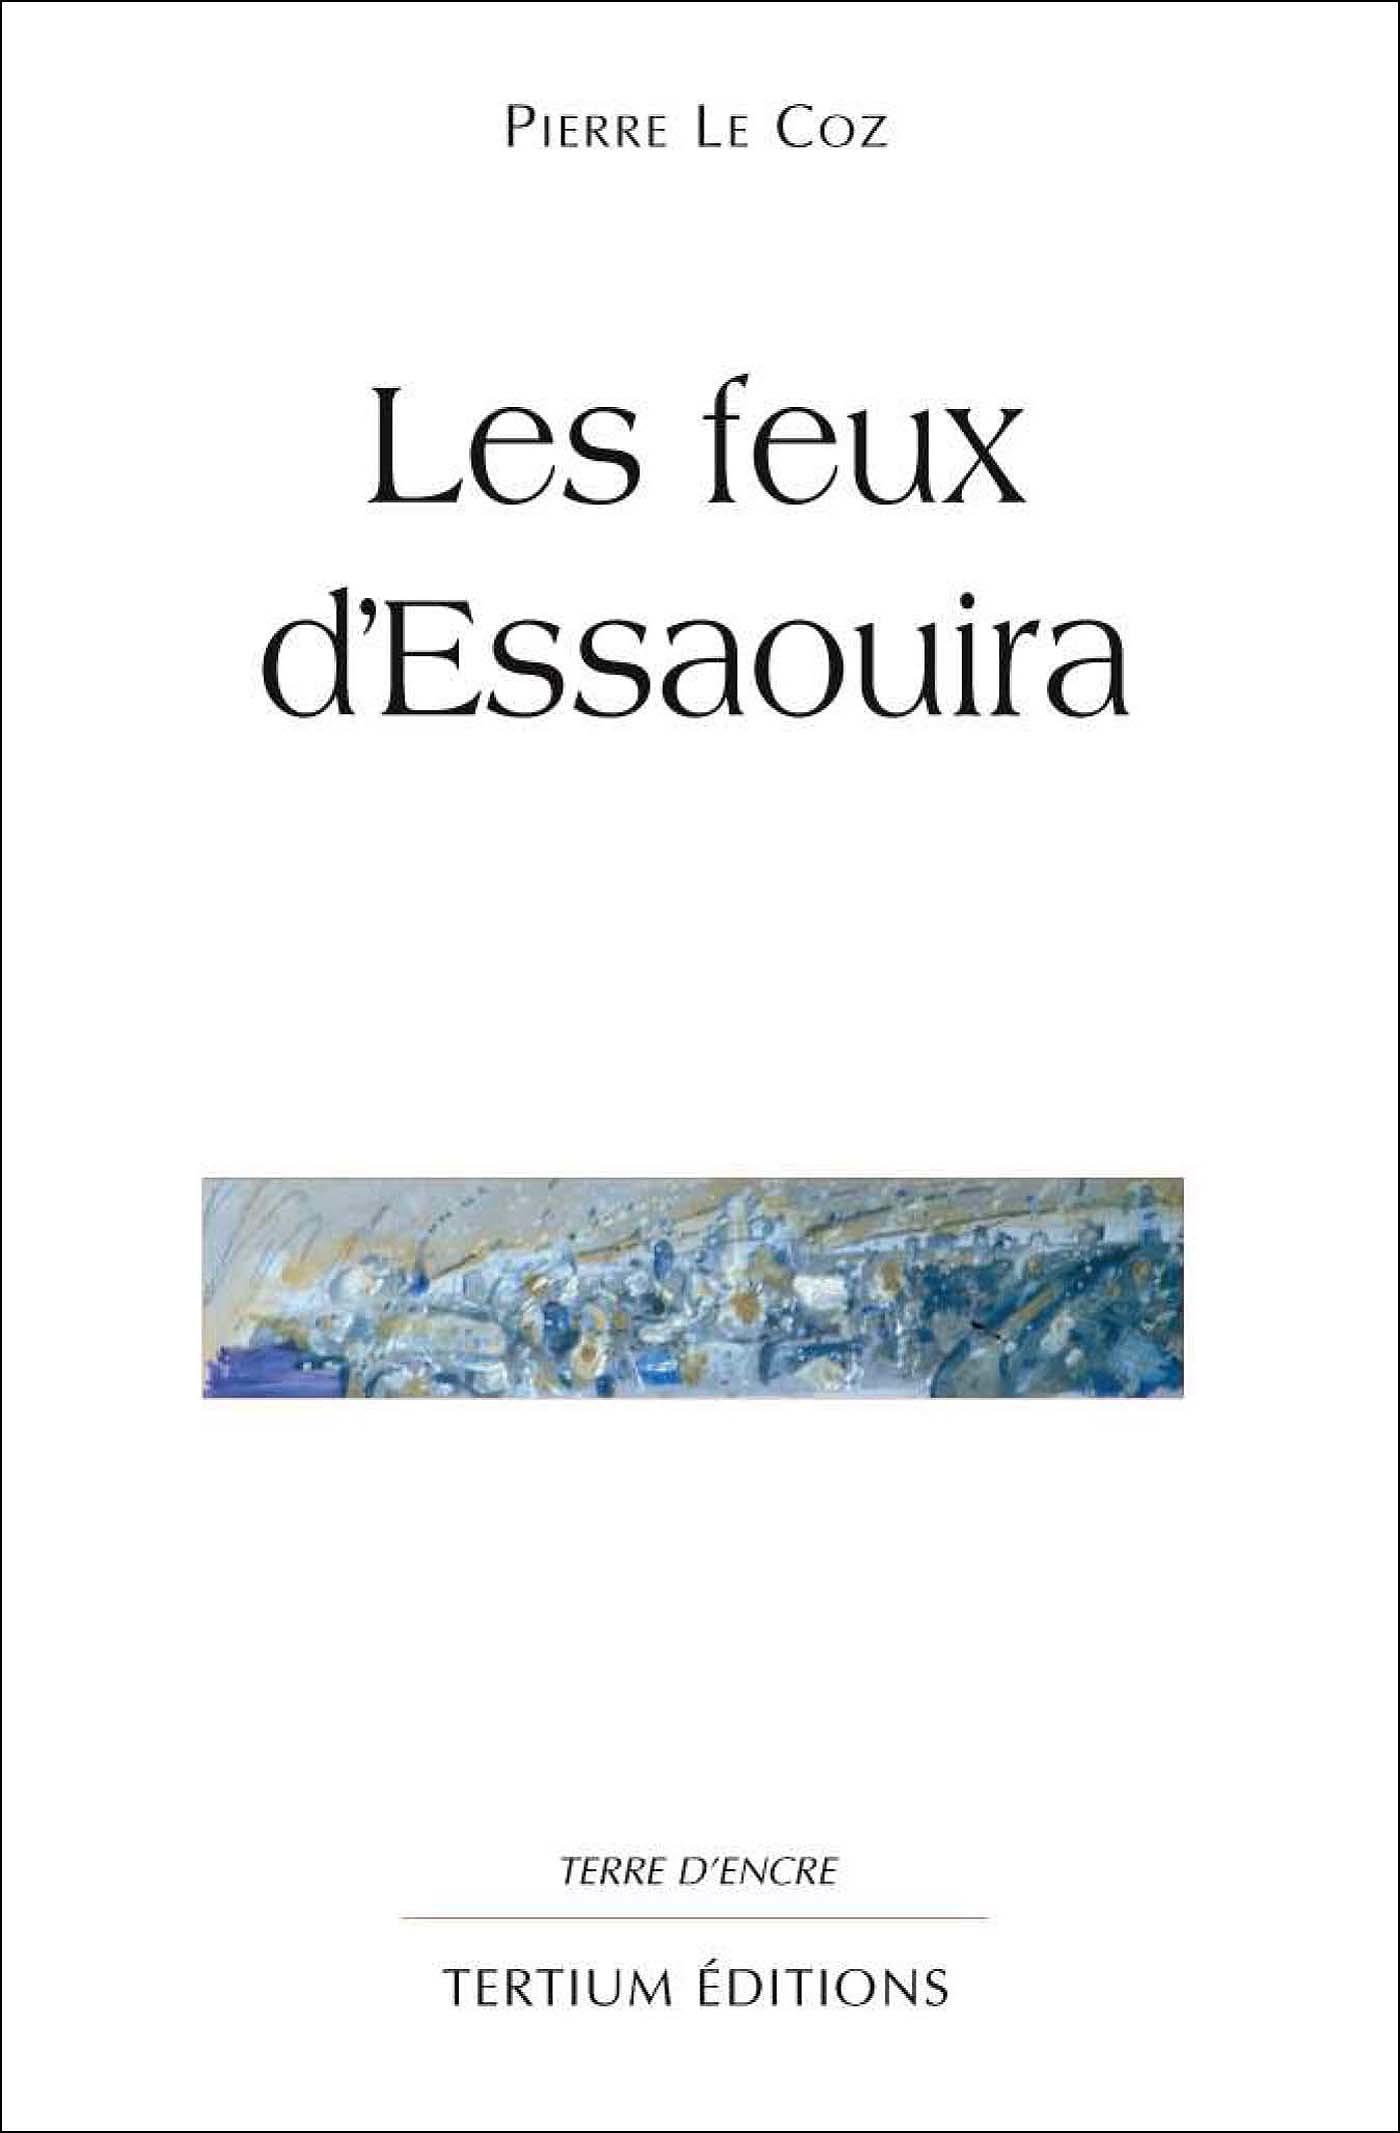 Les feux d'Essaouira